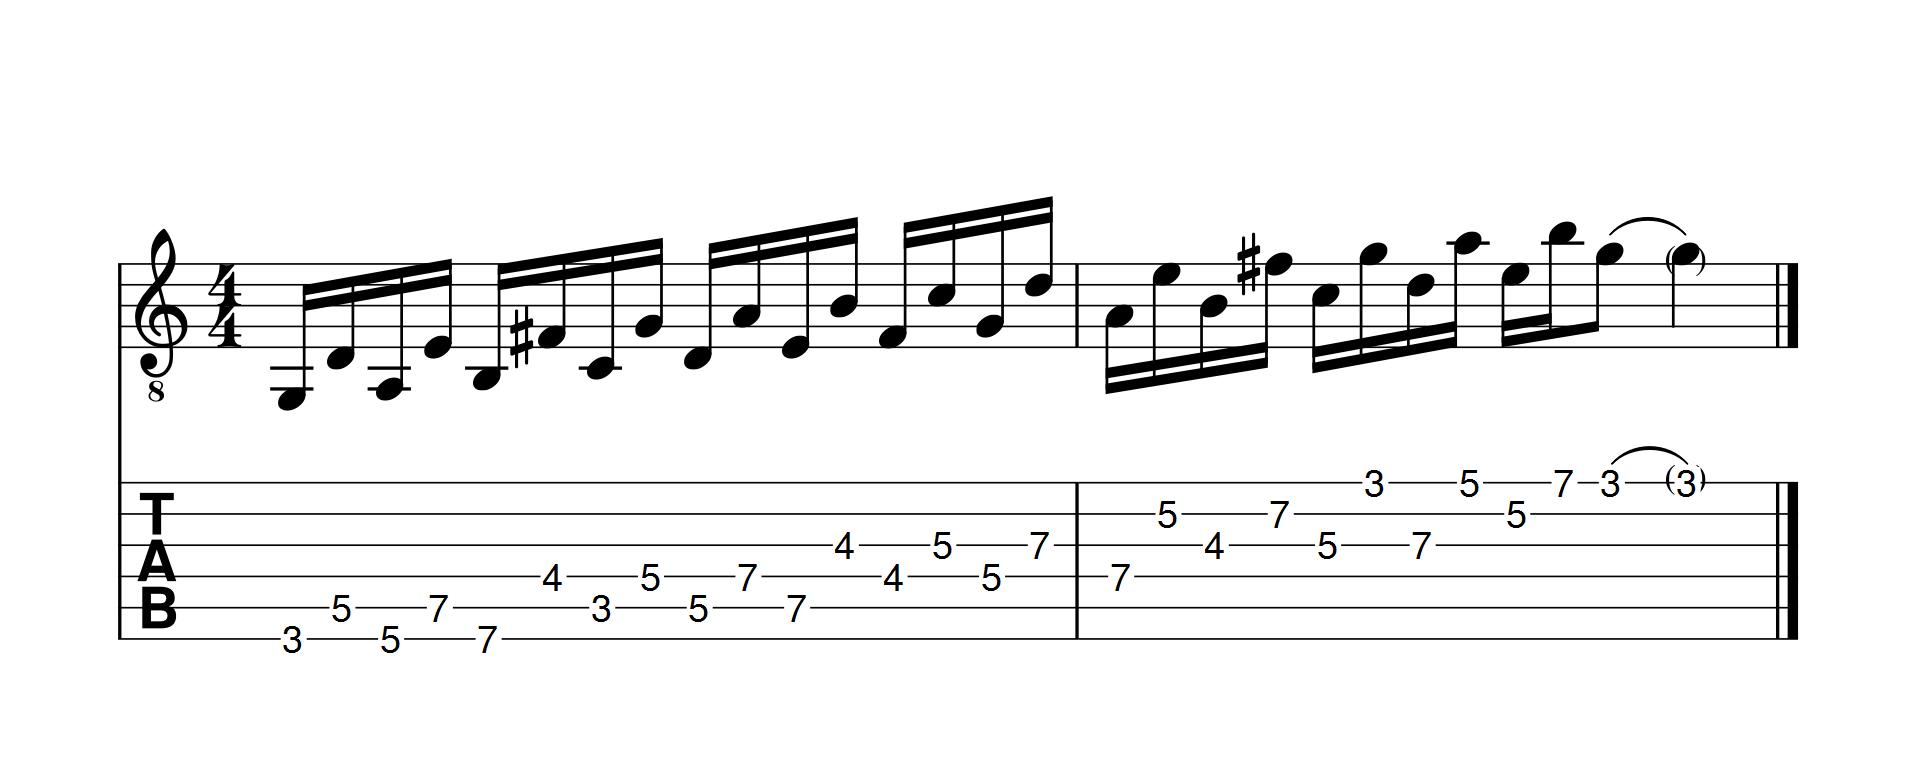 gamme-majeure-jouée-avec-des-ecarts-de-5-notes